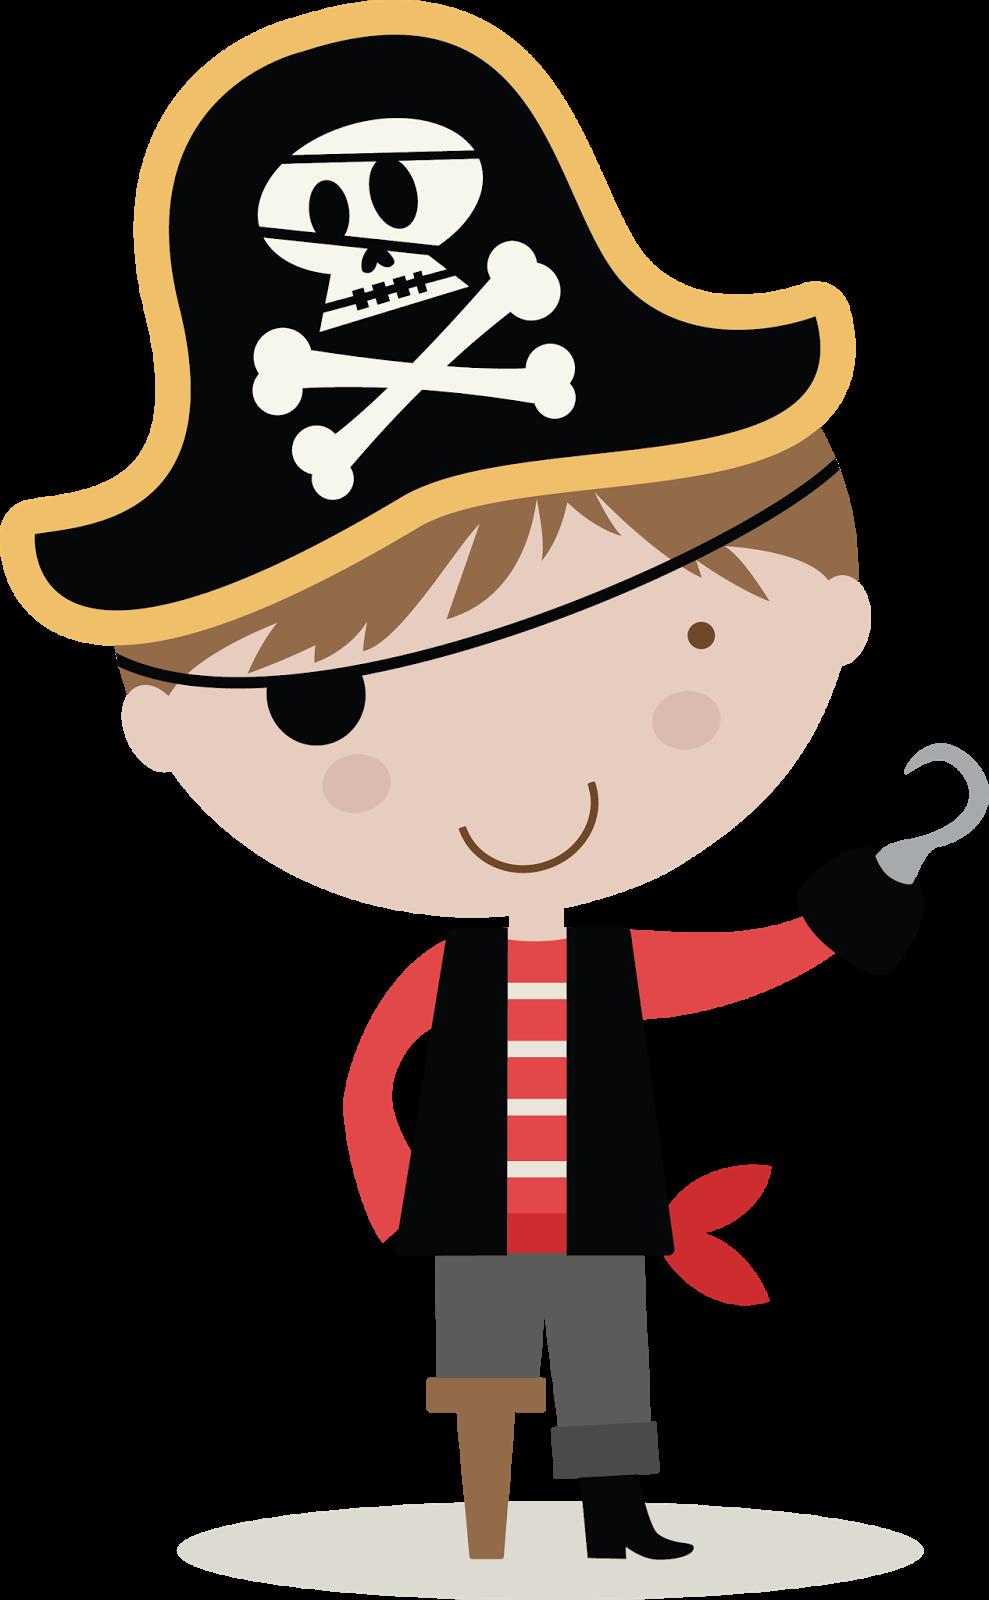 El ni o del. Pirate clipart pirate hat